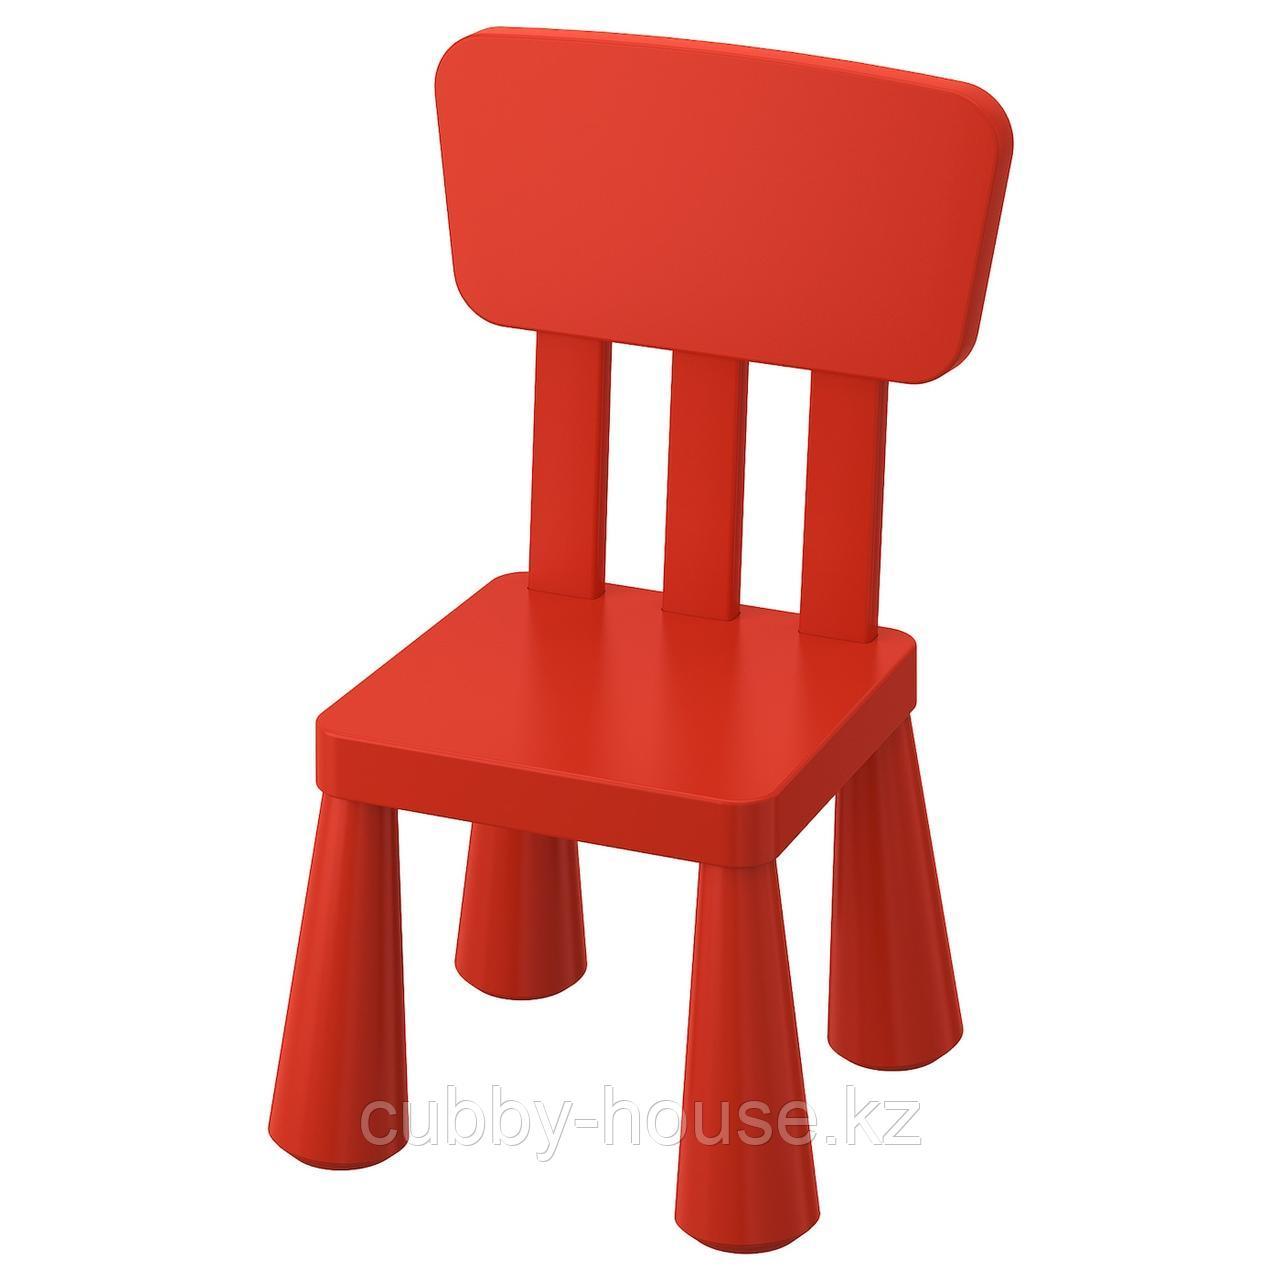 МАММУТ Детский стул, д/дома/улицы, красный